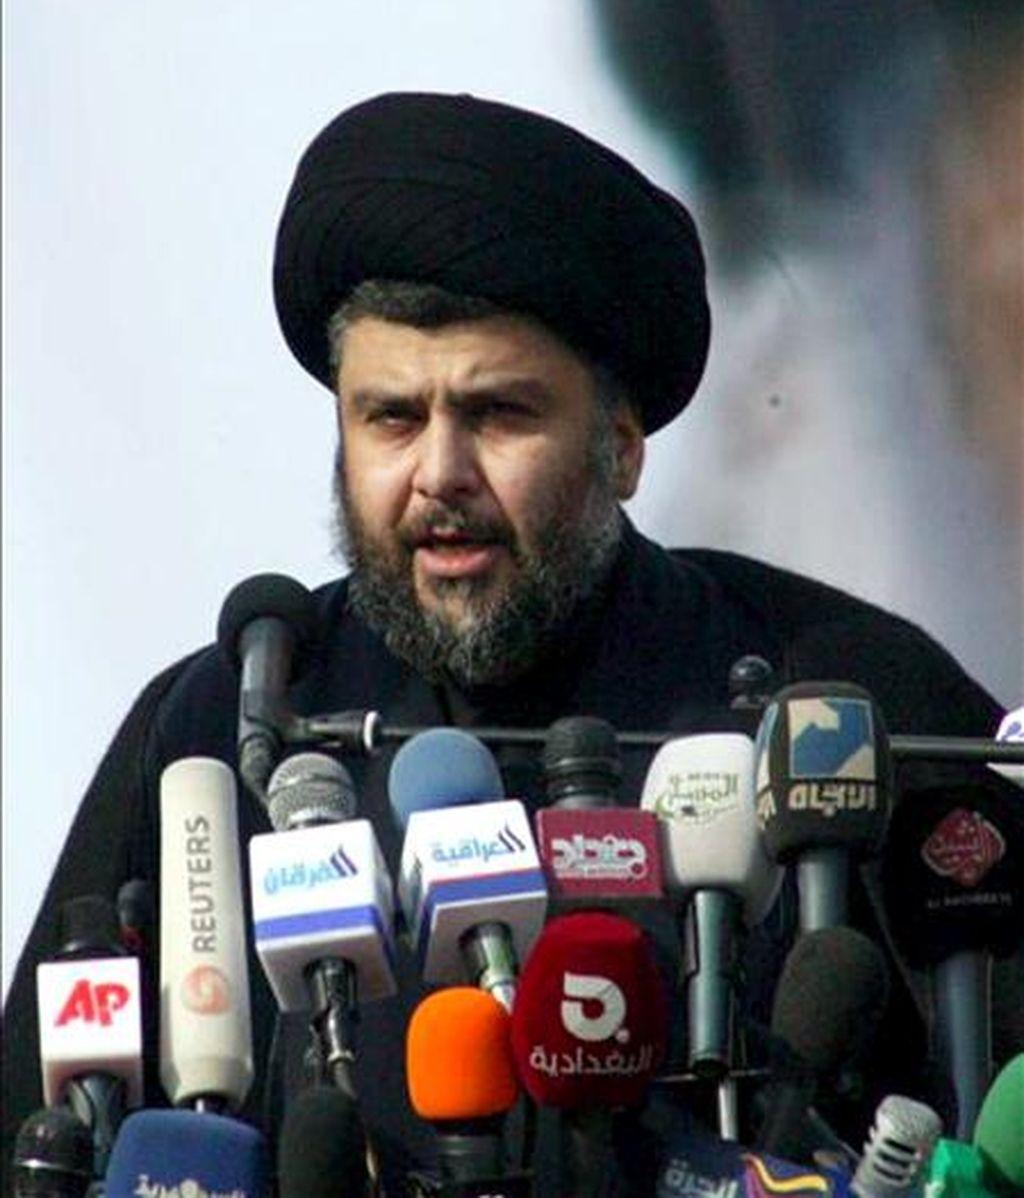 """El influyente clérigo radical chií Muqtada al Sadr ofrece un discruso a sus seguidores durante una manifestación en Nayaf (Irak) hoy, 8 de enero de 2011. Sadr instó hoy al Gobierno iraquí a """"buscar la salida del ocupante"""" en su primer discurso tras su regreso hace tres días a Irak después de más de tres años de exilio voluntario en Irán. EFE"""